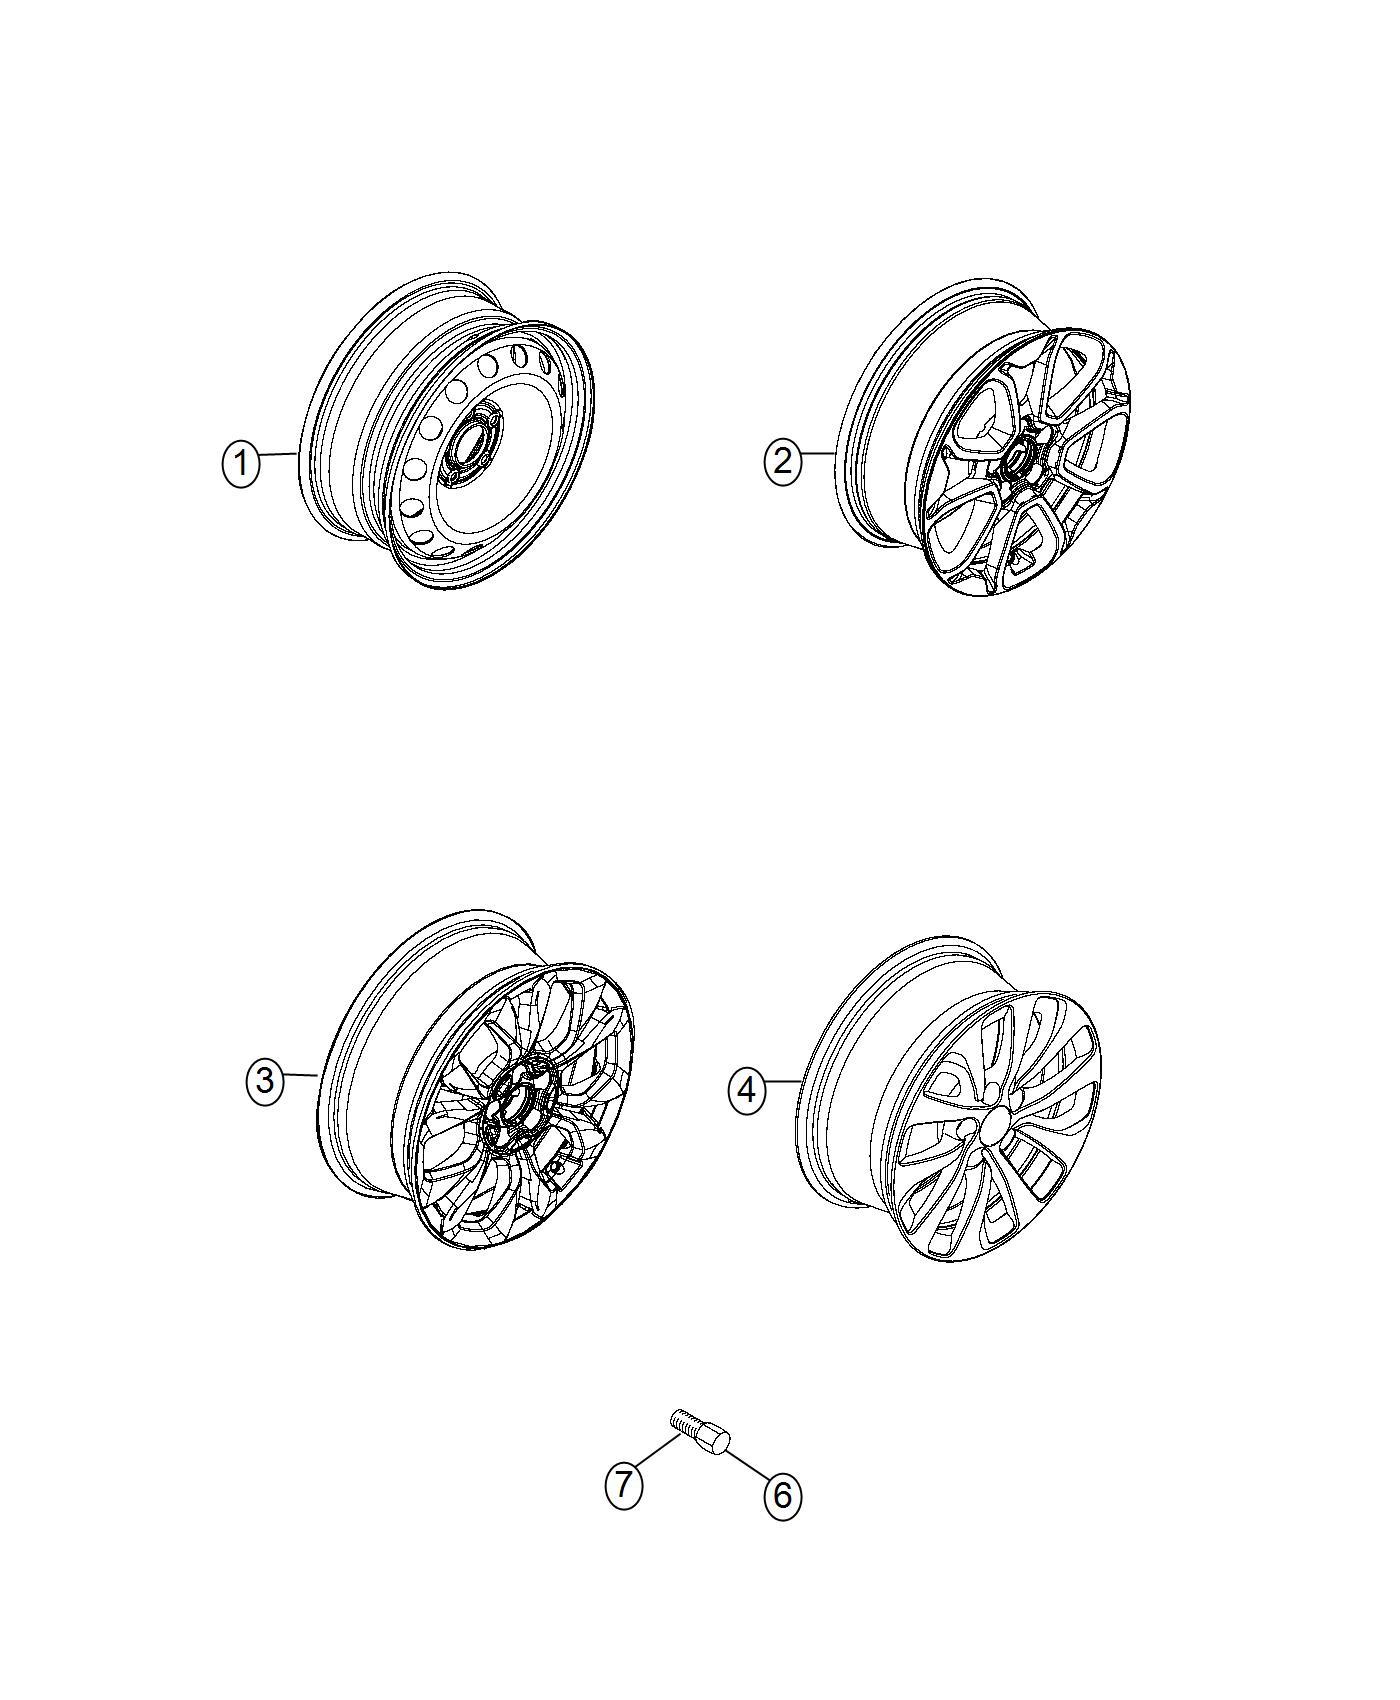 2016 Fiat 500X Wheel. Steel. [16x6.5 steel wheels